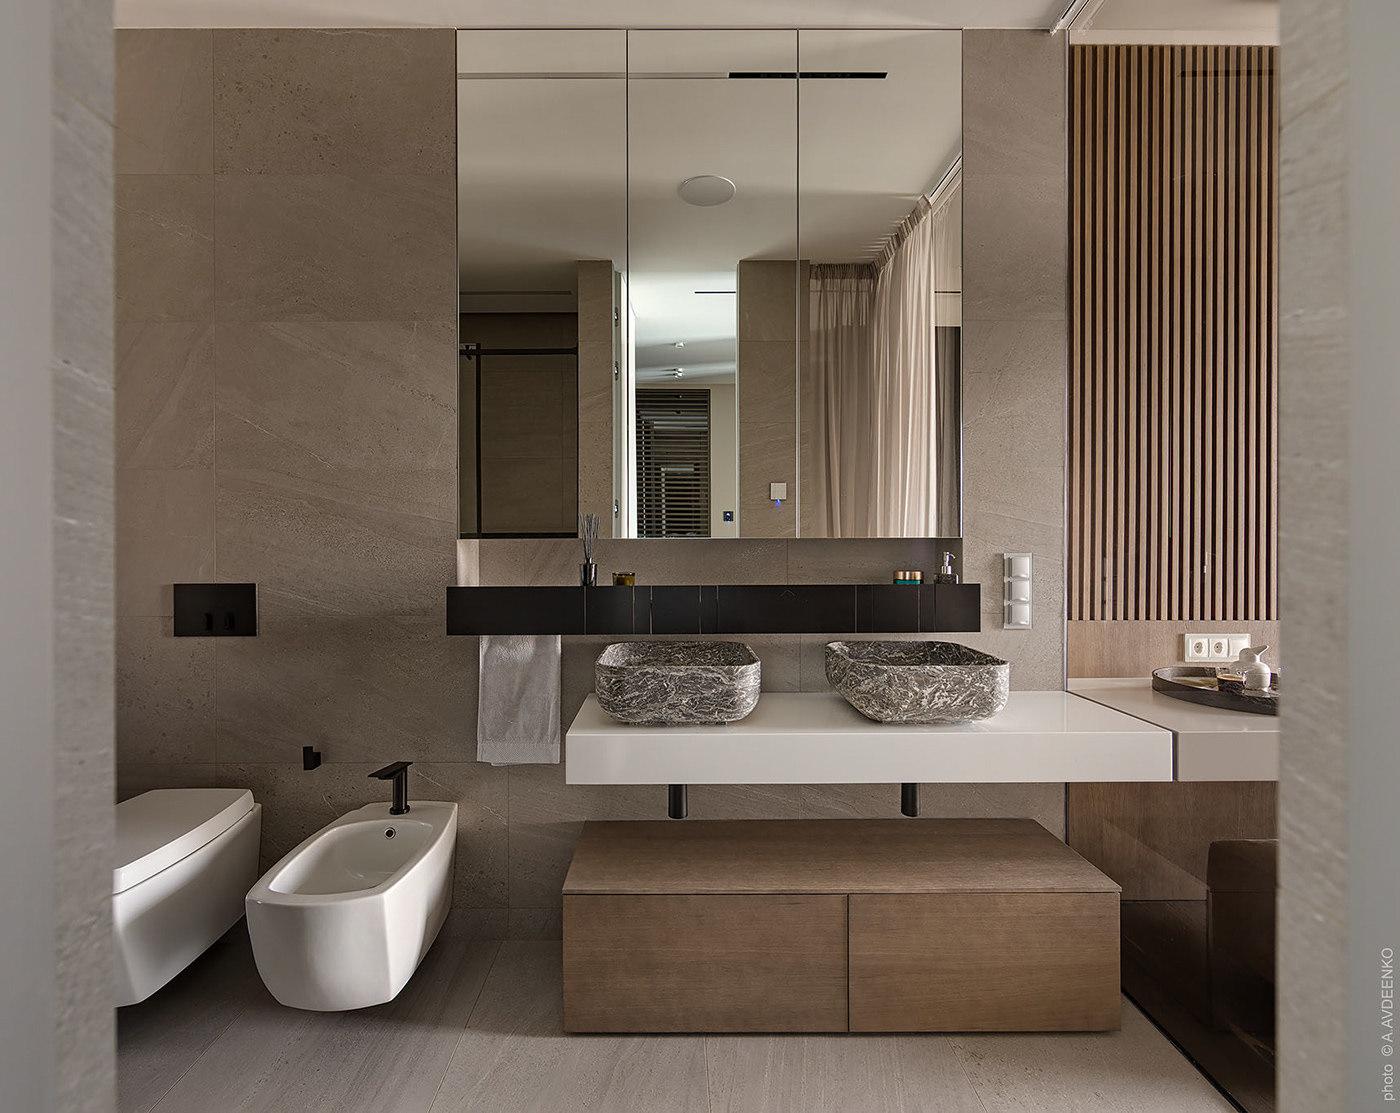 Világosbarna színű fürdőszoba dupla mosdóval